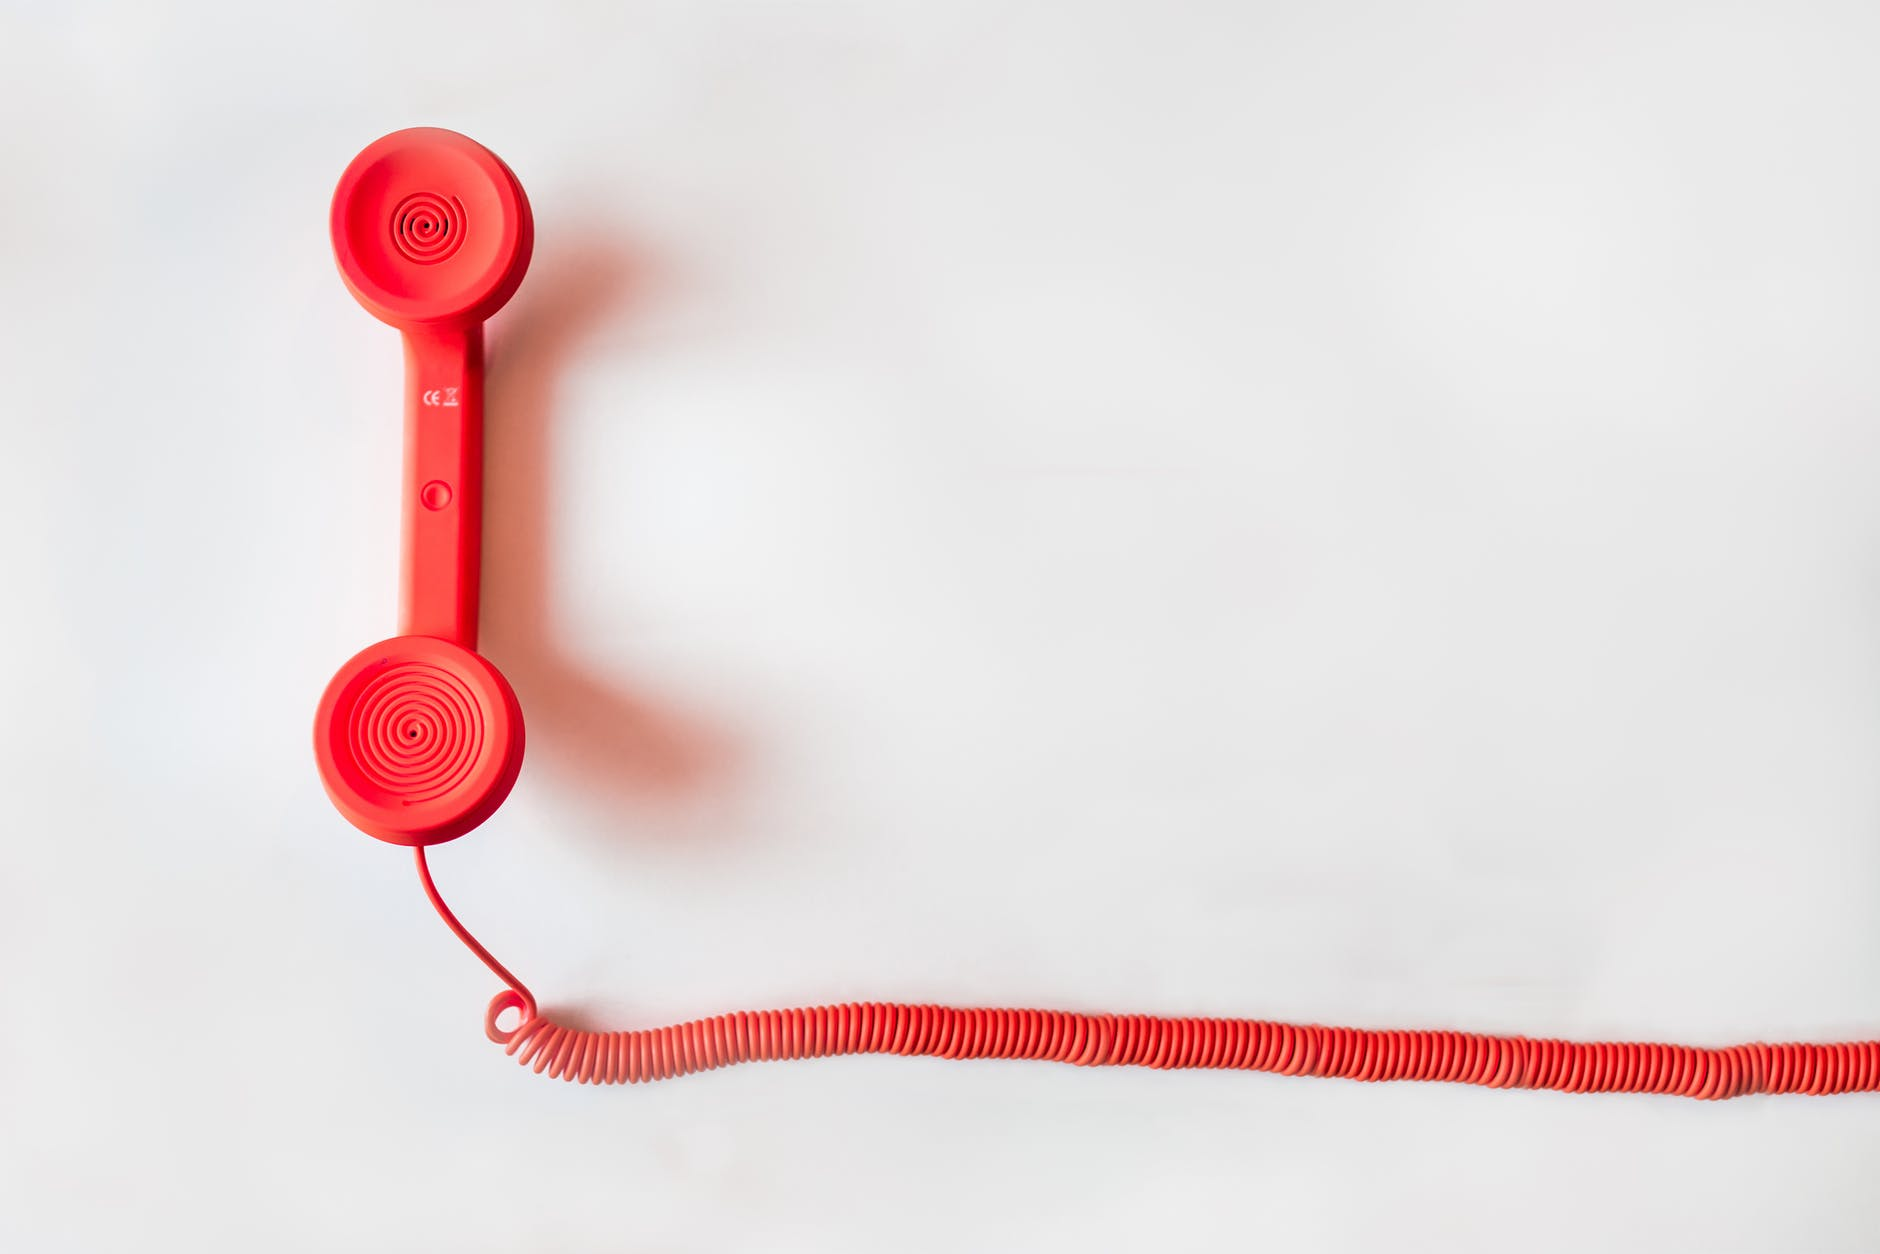 telefono fijo rojo